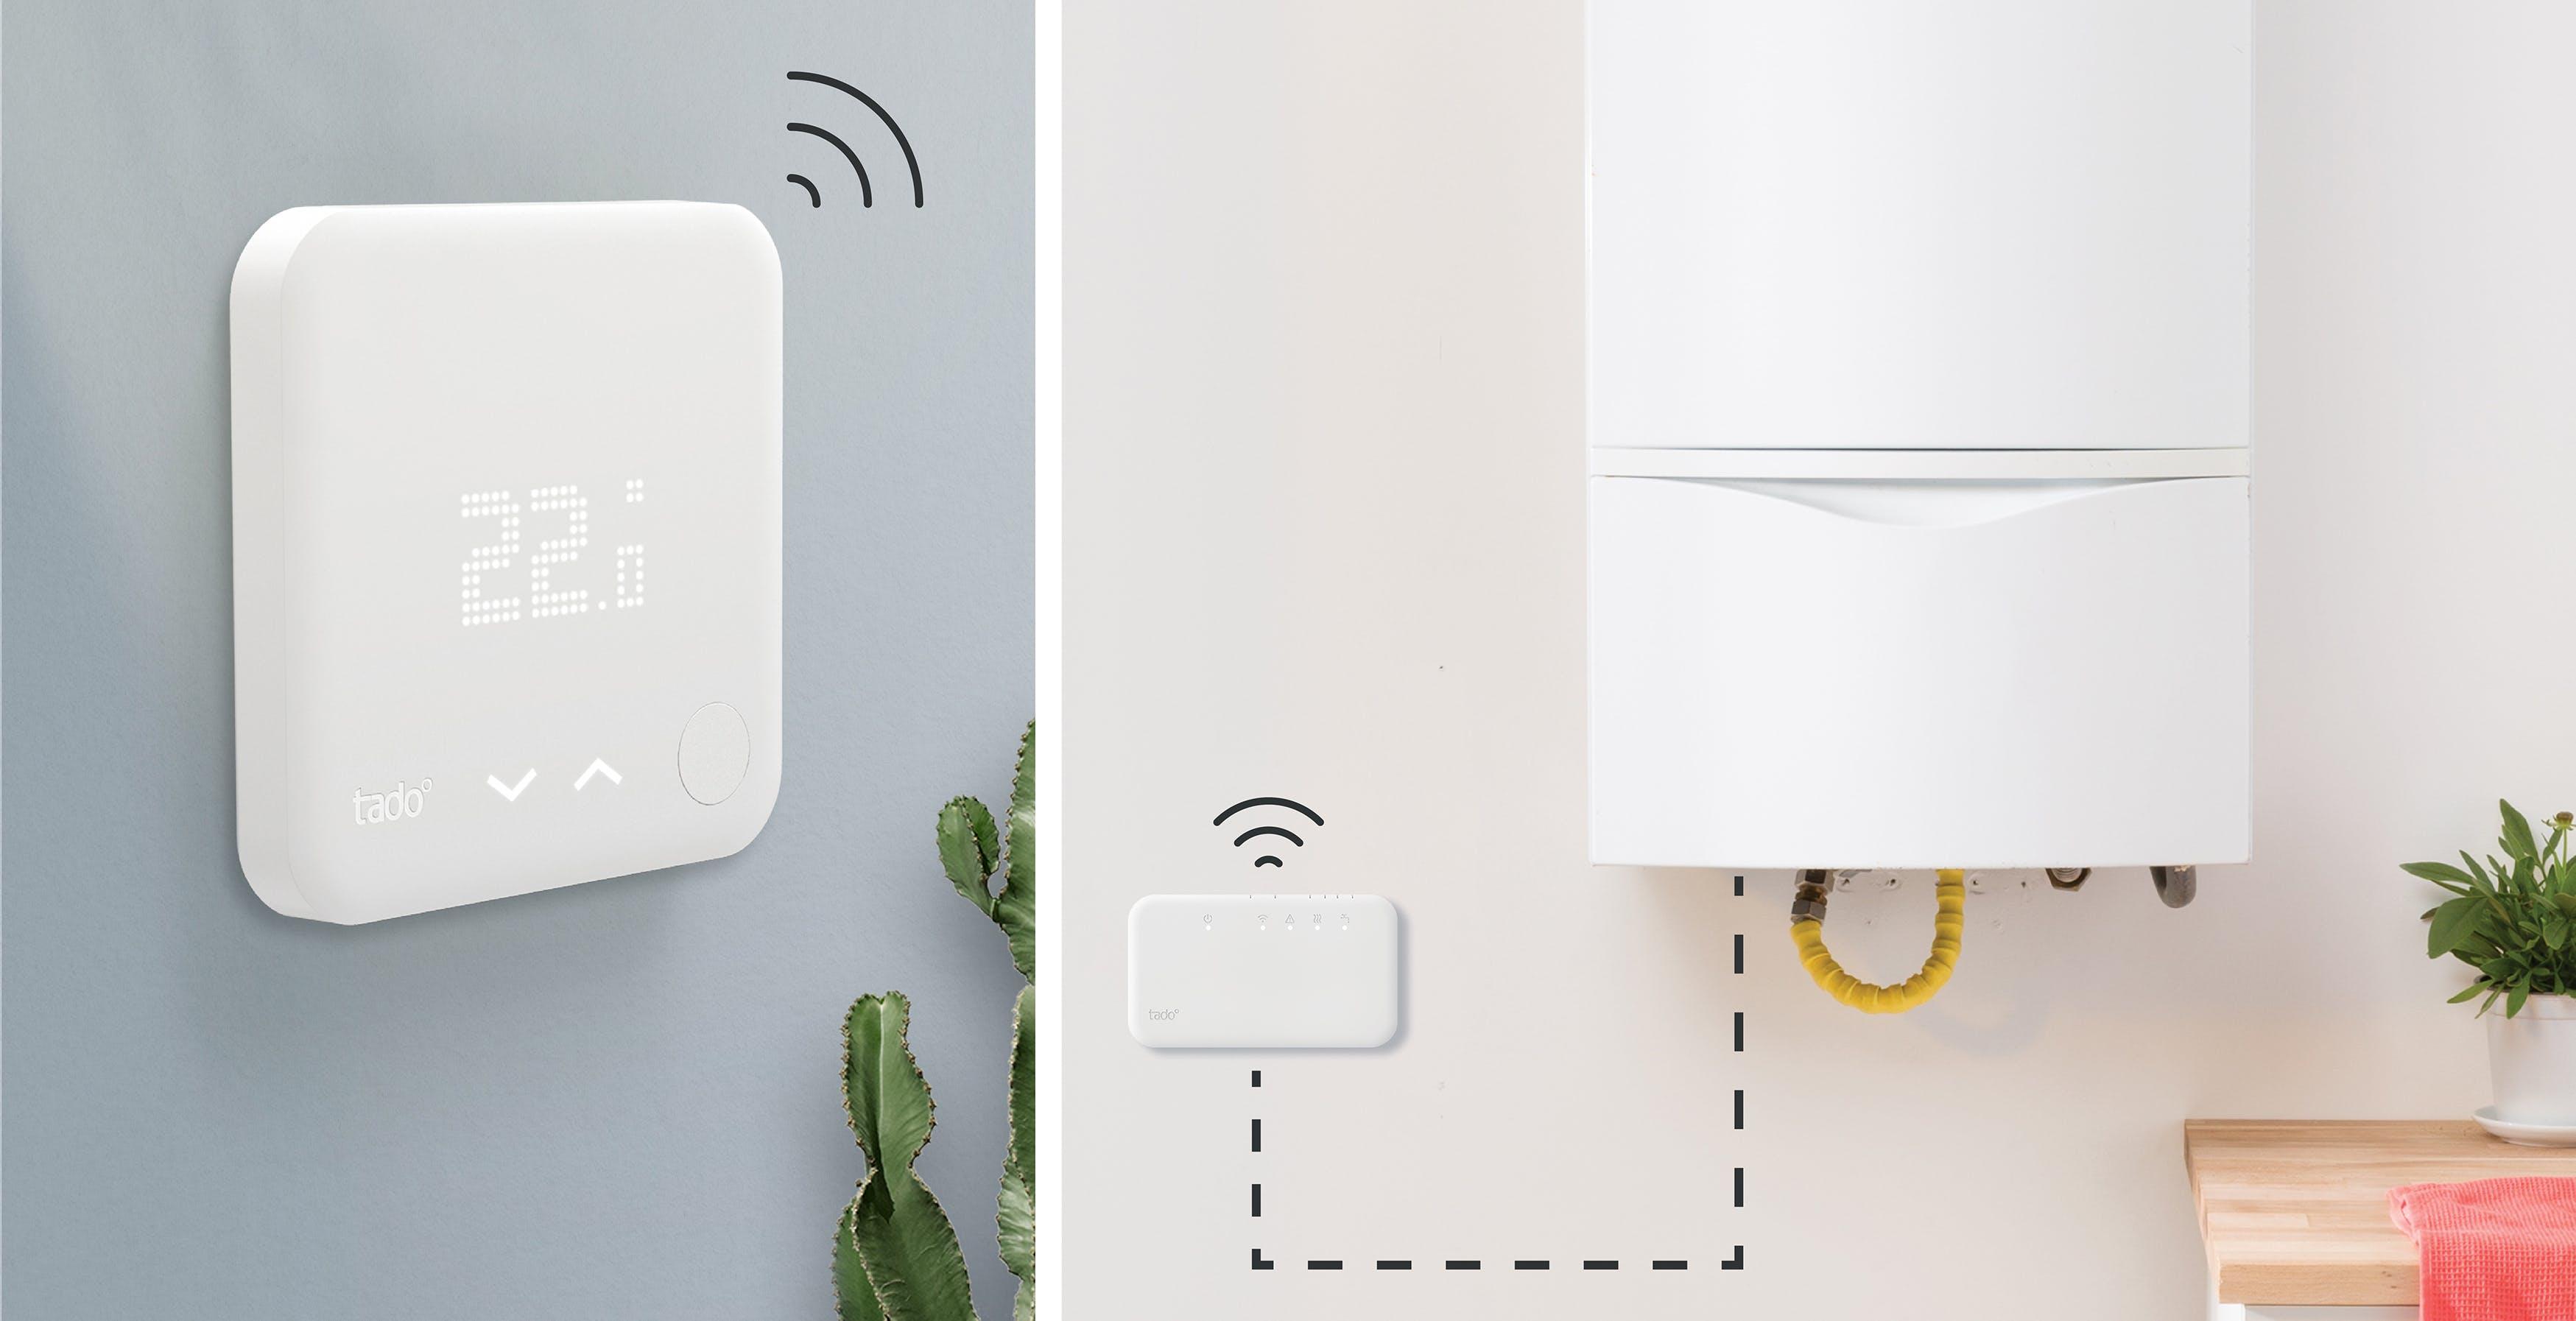 La manutenzione del termostato è fai da te: basta l'app. Le novità di Tado